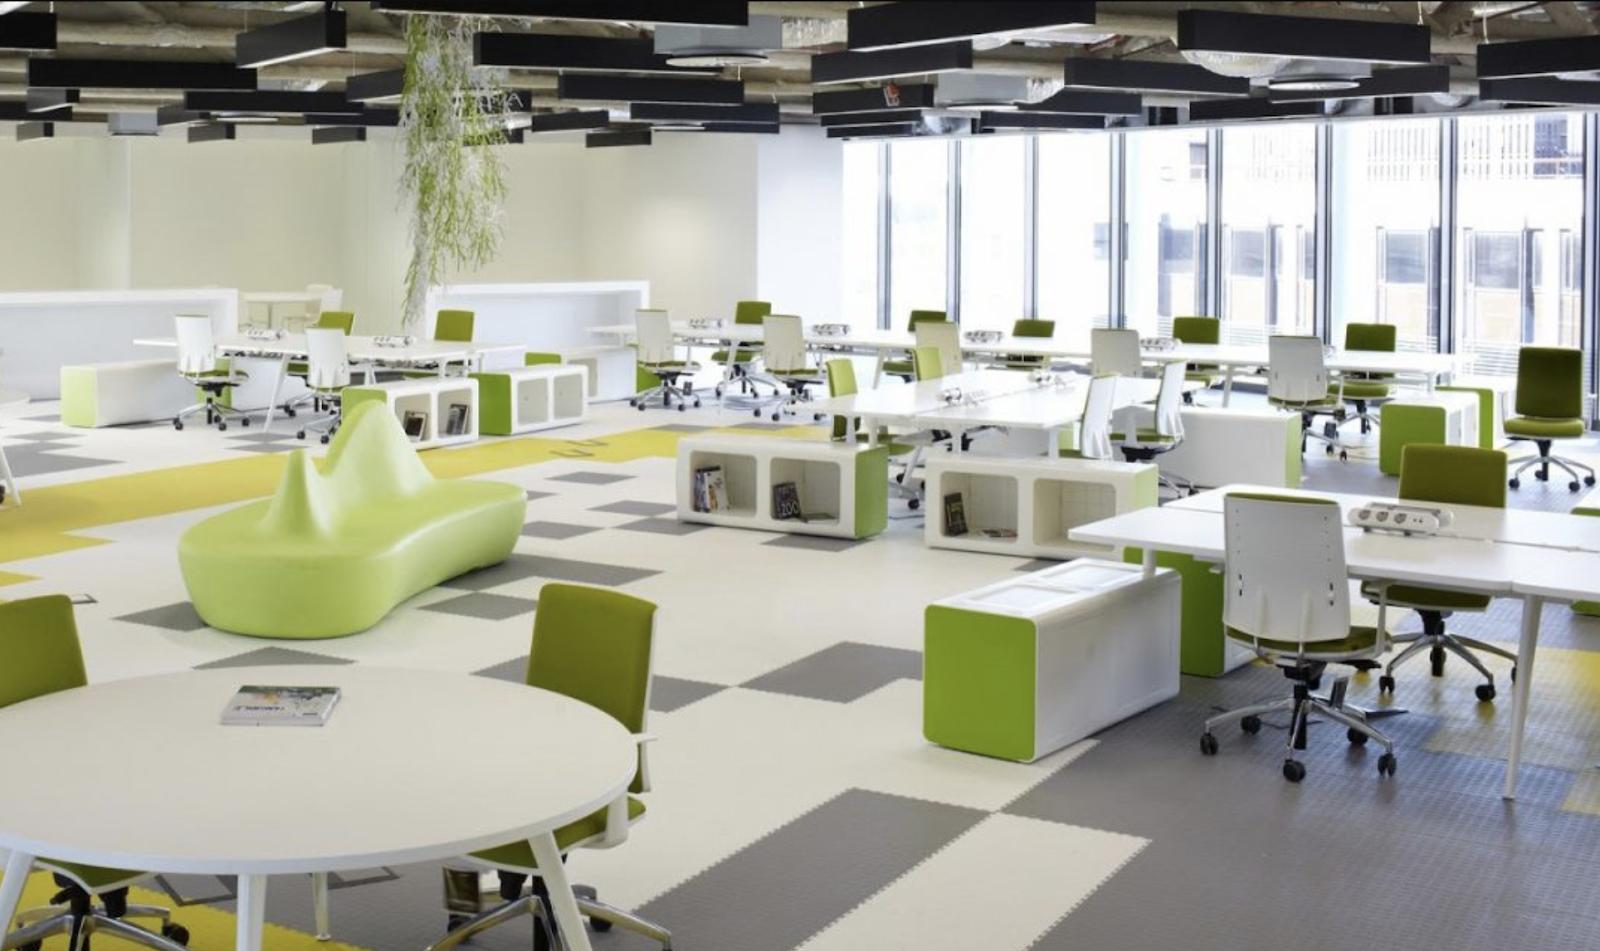 Văn phòng với không gian xanh mát, mới mẻ